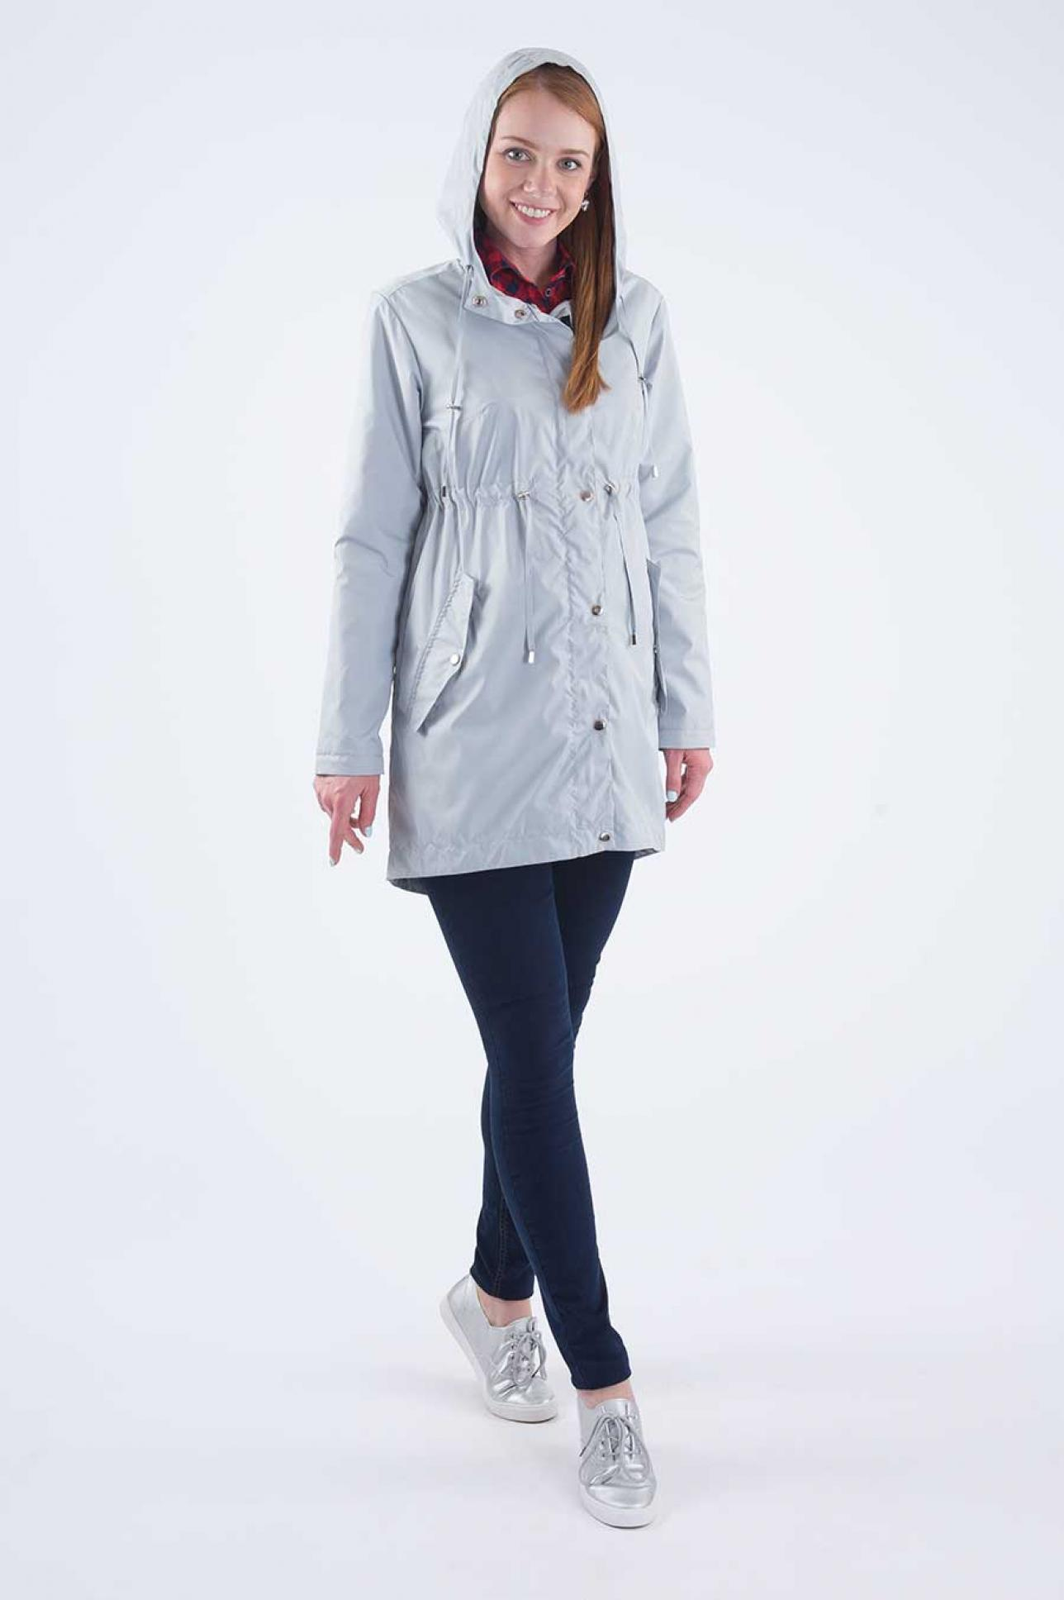 куртка для беременной, одежда для беременных, ветровка беременной, одежда на большой живот